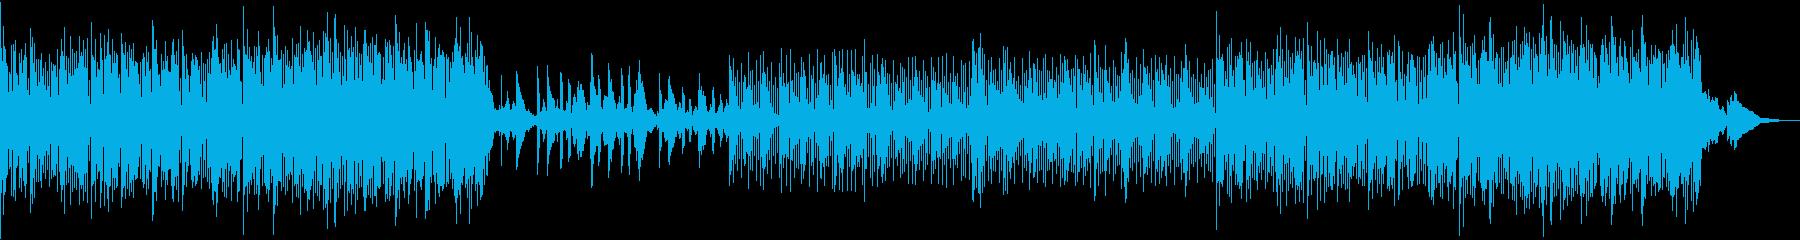 癒し ヒーリング 心地よい ボサノバの再生済みの波形